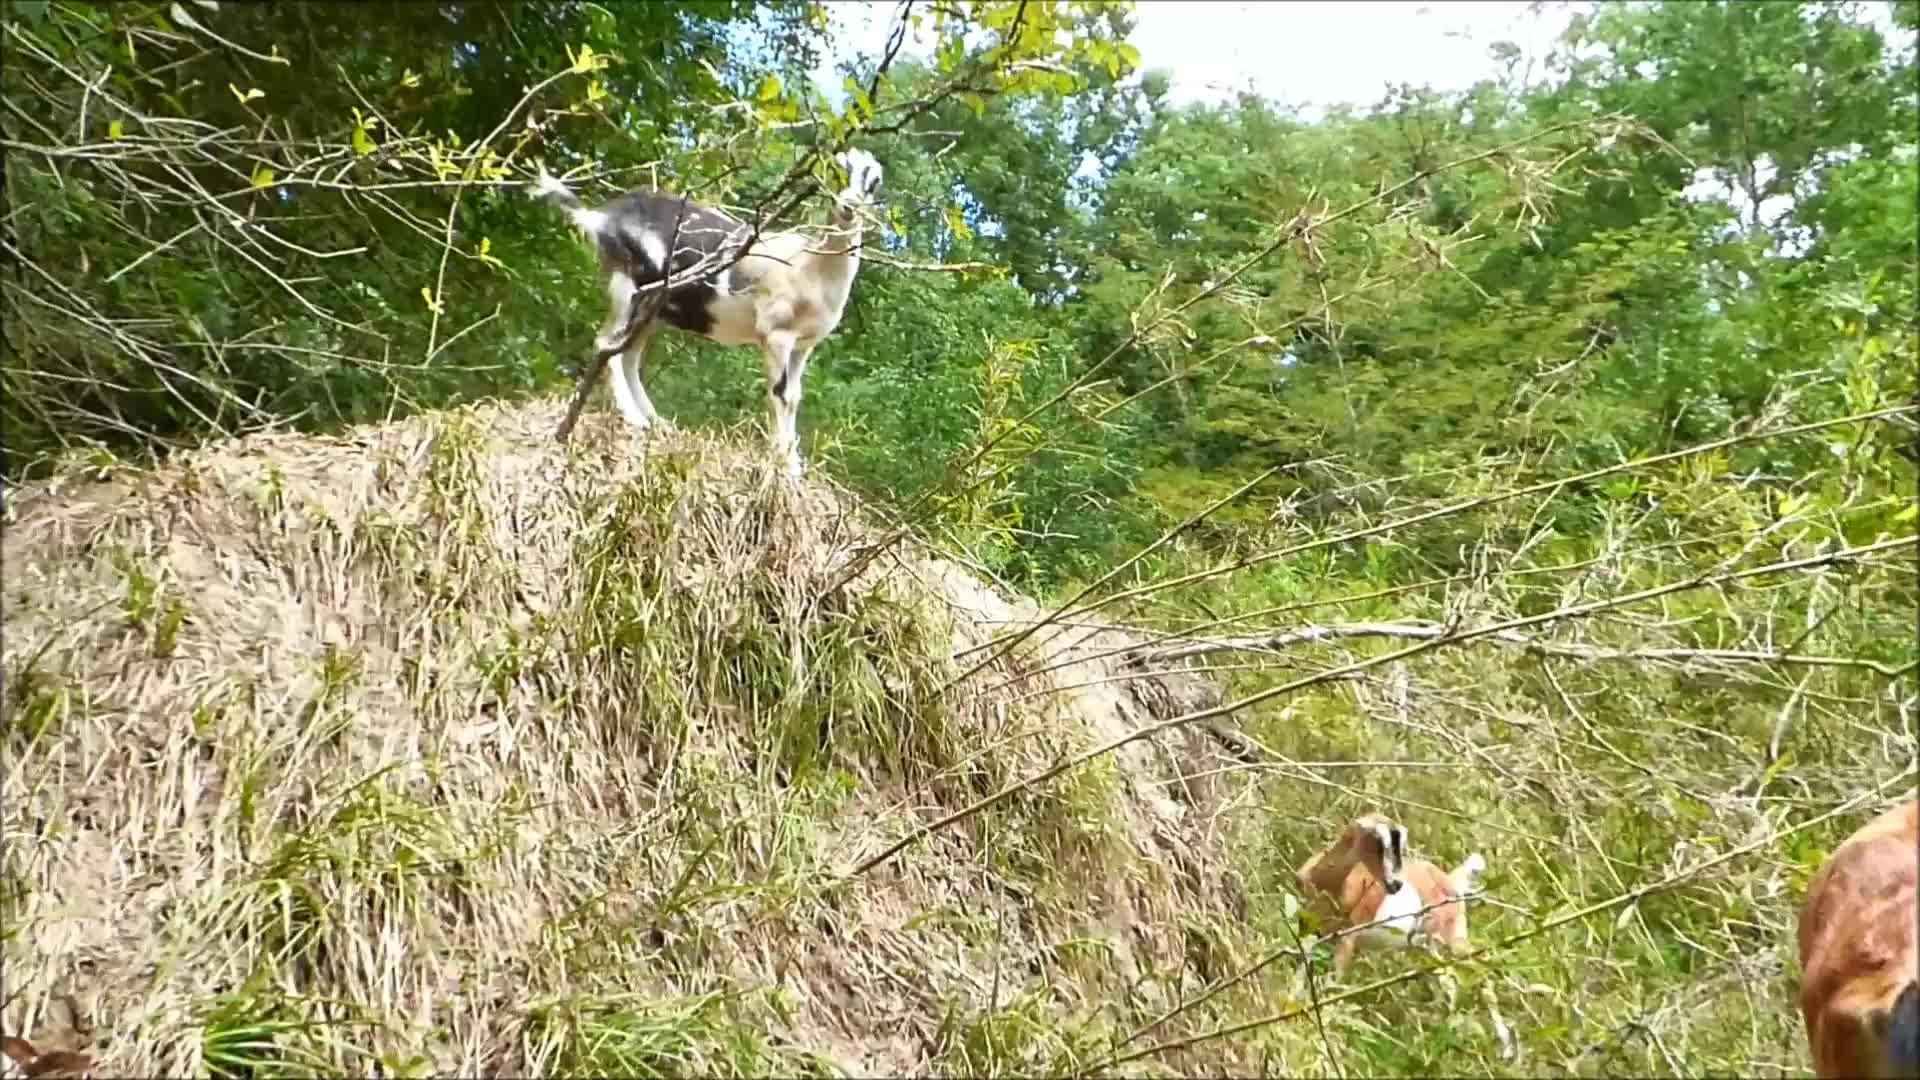 Goatparkour, knsfarm, parkour, popular, Quick Escape GIFs